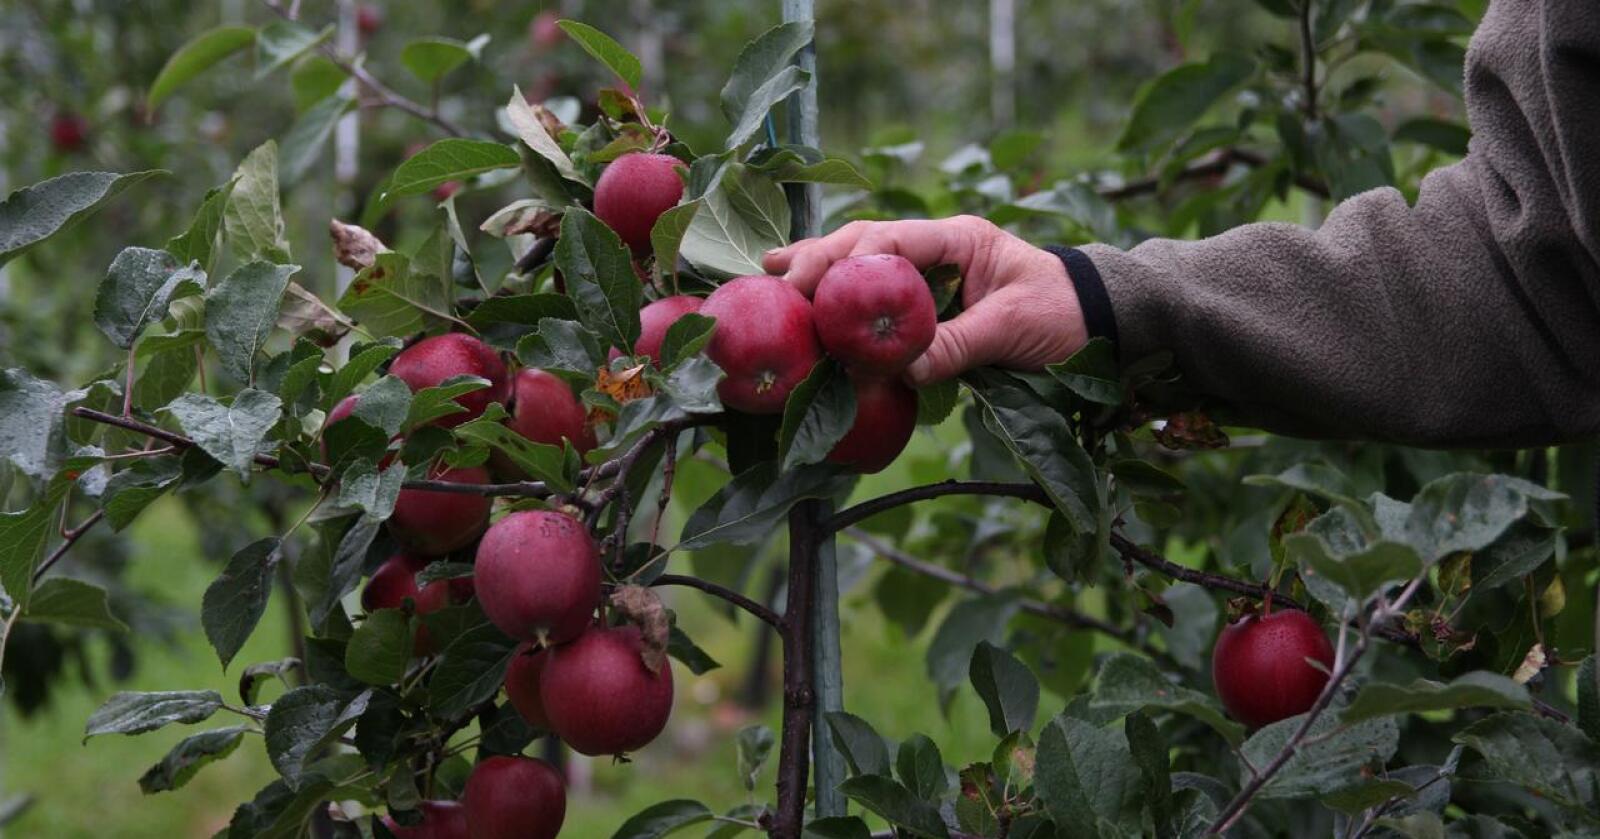 KOMPENSERES: For å risikoavlaste produsentene, videreføres erstatningsordninga fra i fjor, slik at avlingssvikt som følge av manglende arbeidskraft, blir kompensert. Foto: Kristin Bergo